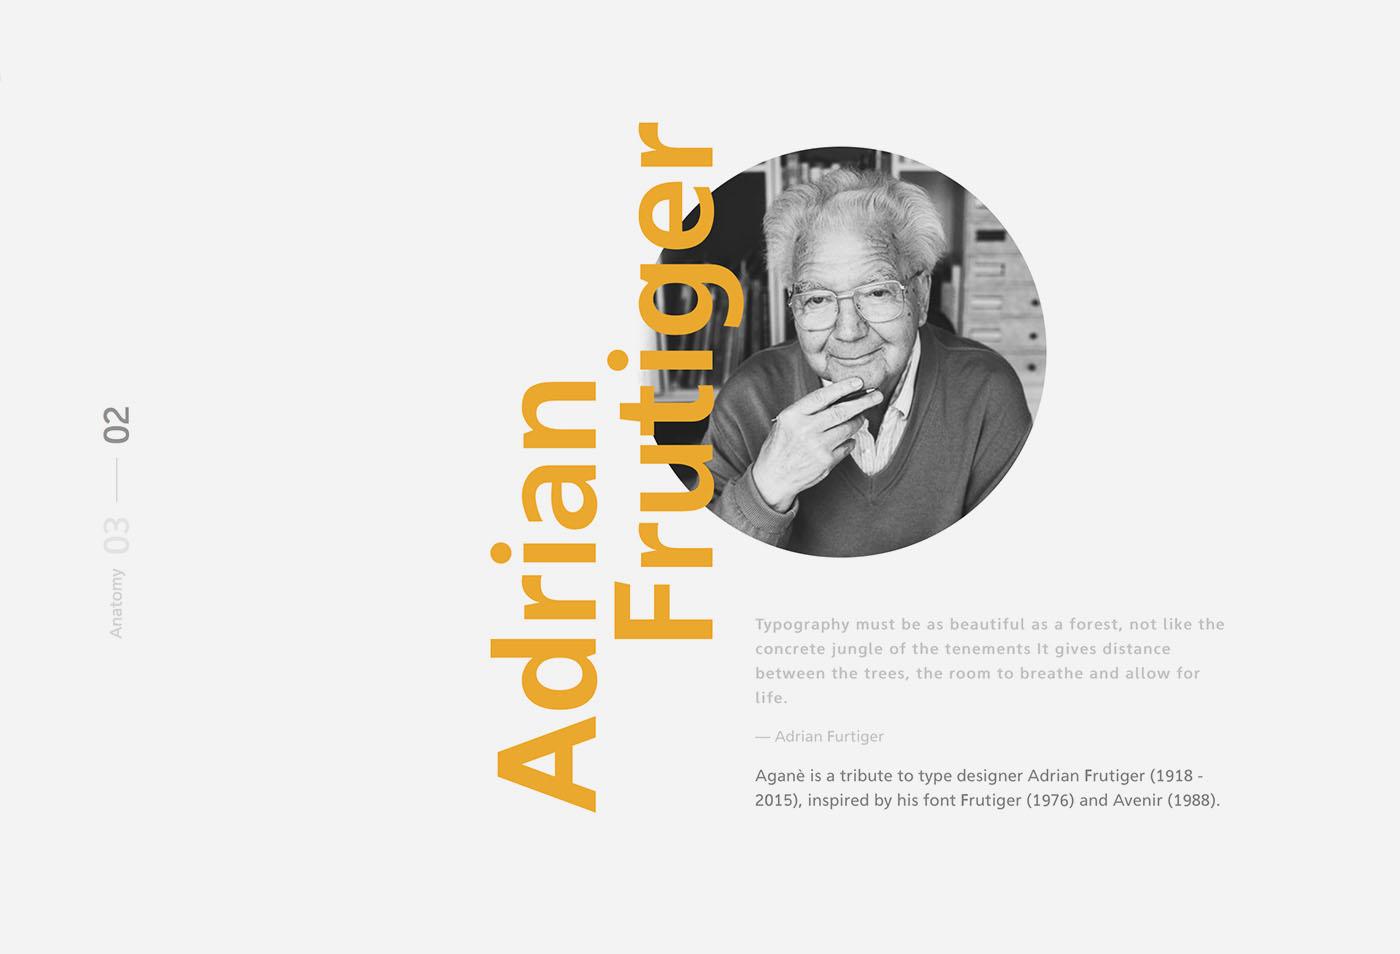 无衬线平面英文字体素材合集 Aganè Free Font设计素材模板